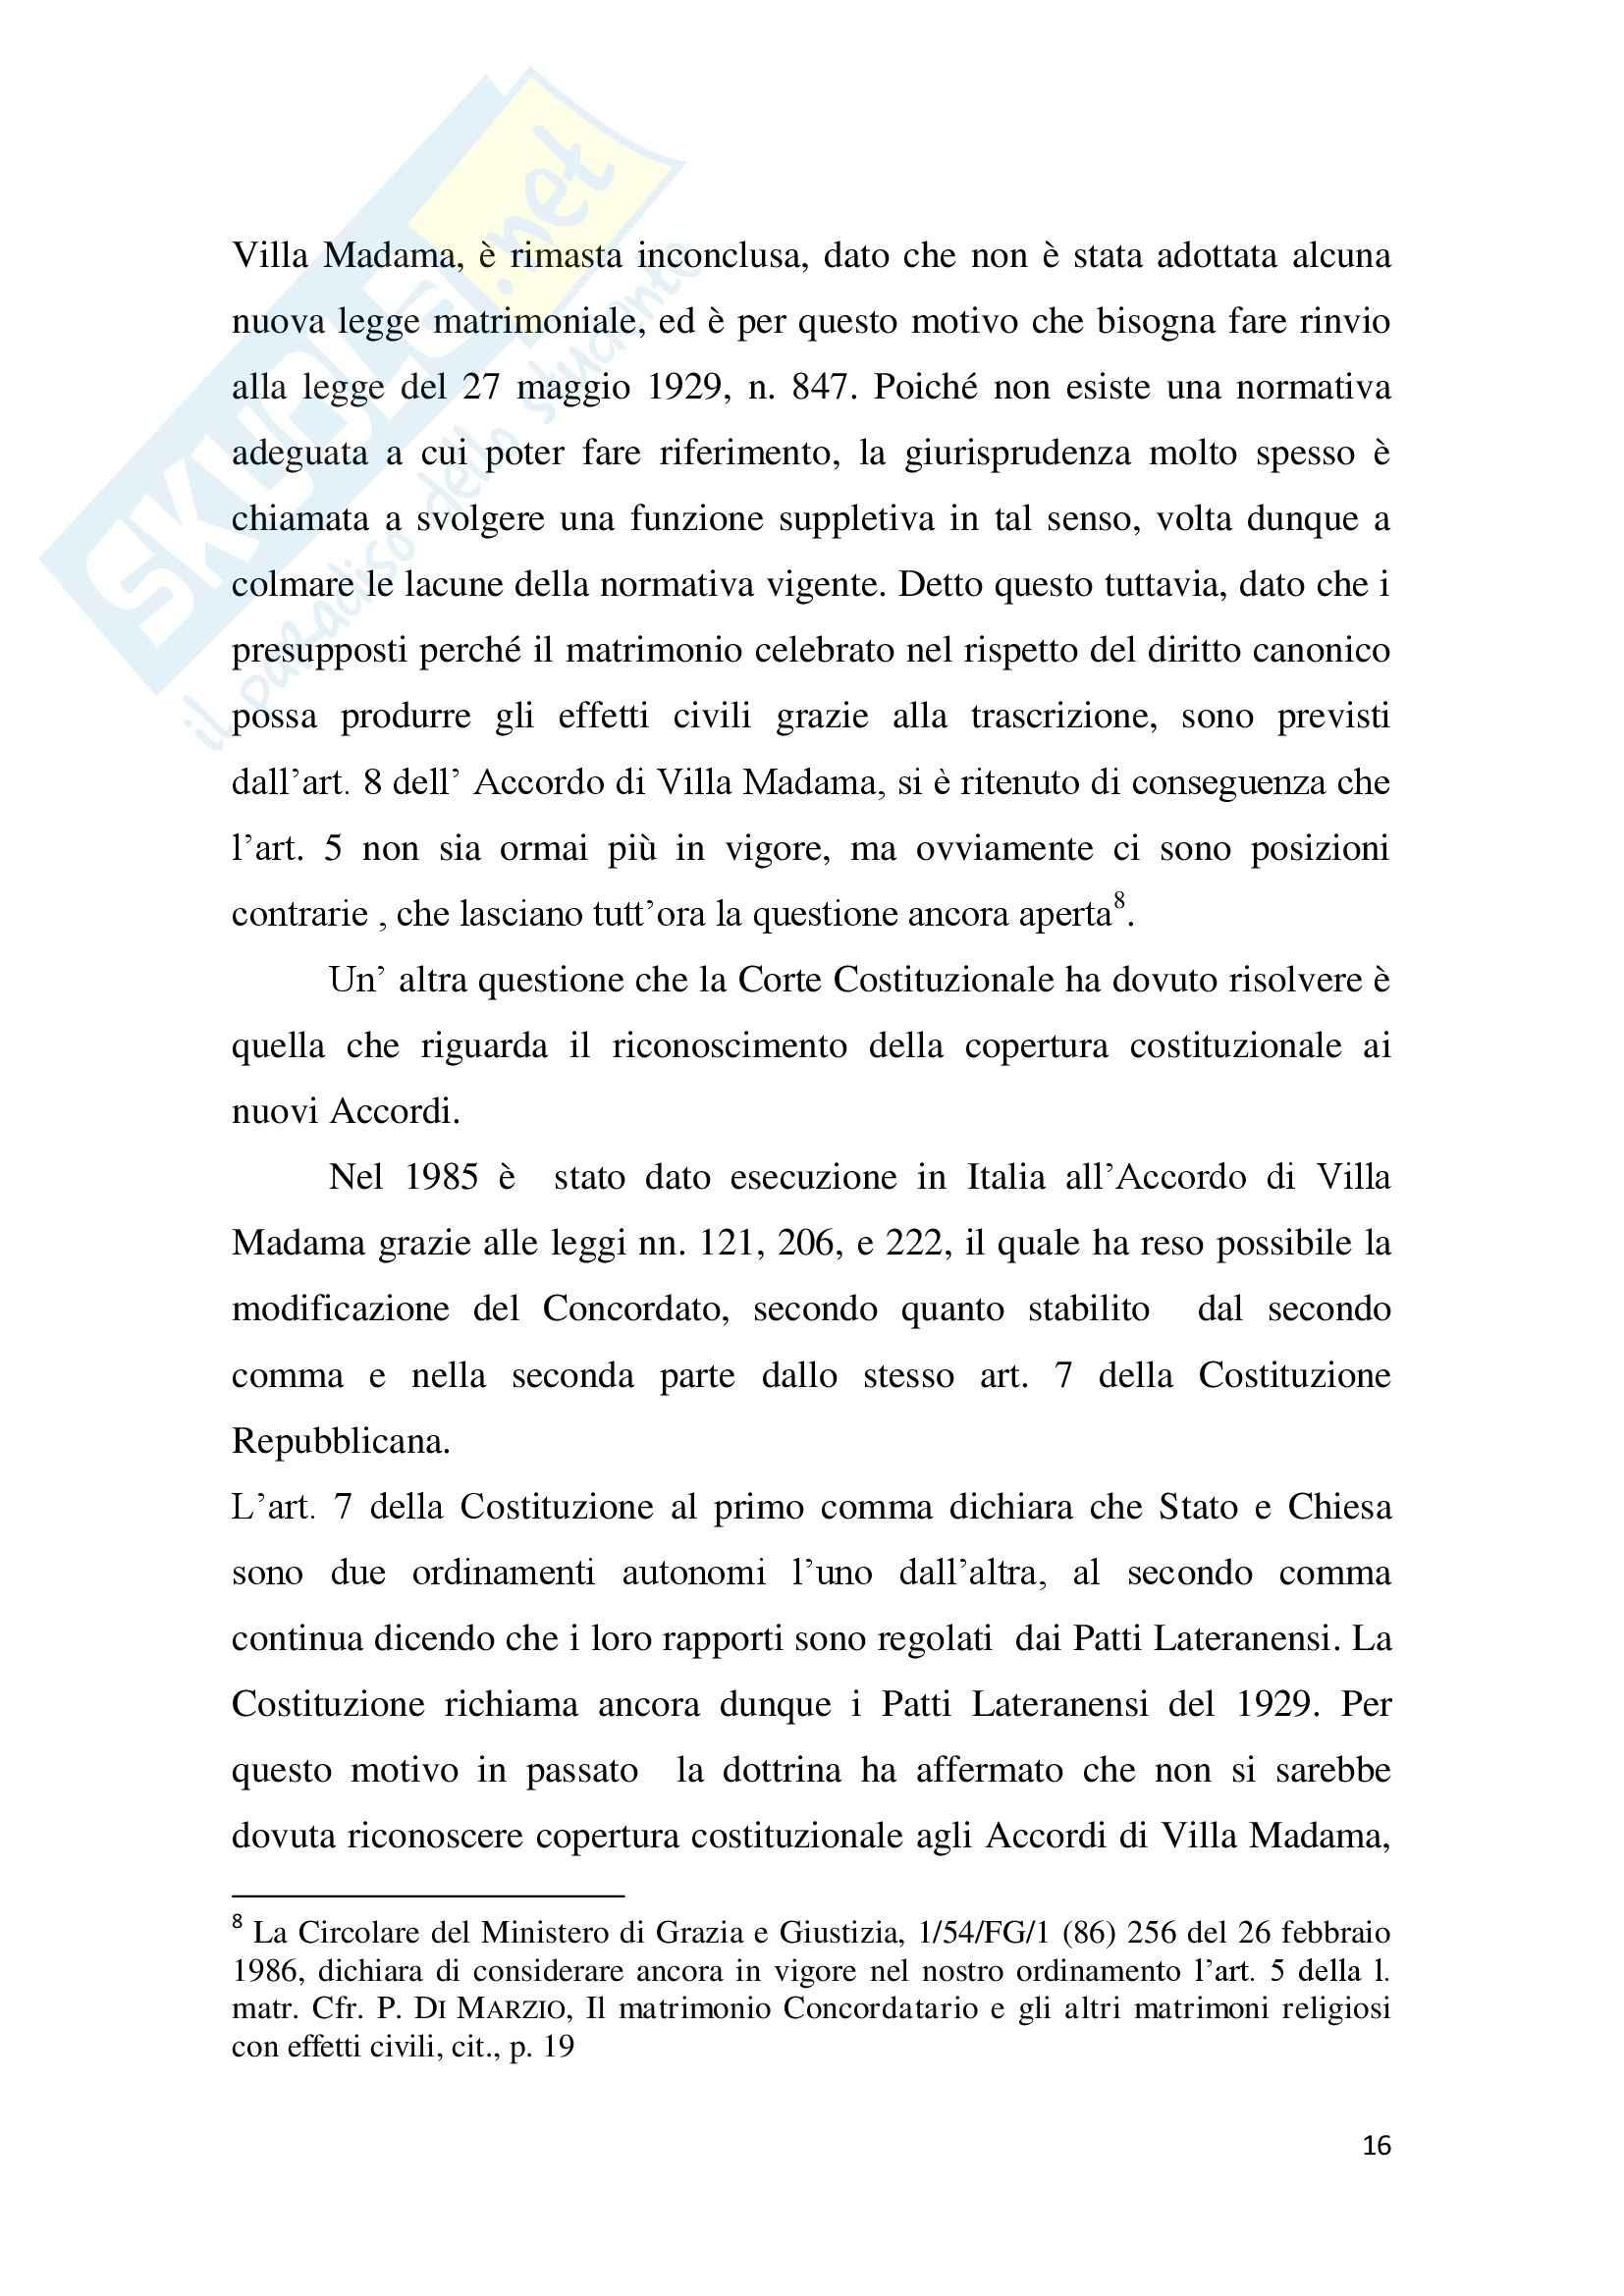 Tesi Diritto ecclesiastico - La trascrizione del matrimonio canonico Pag. 16